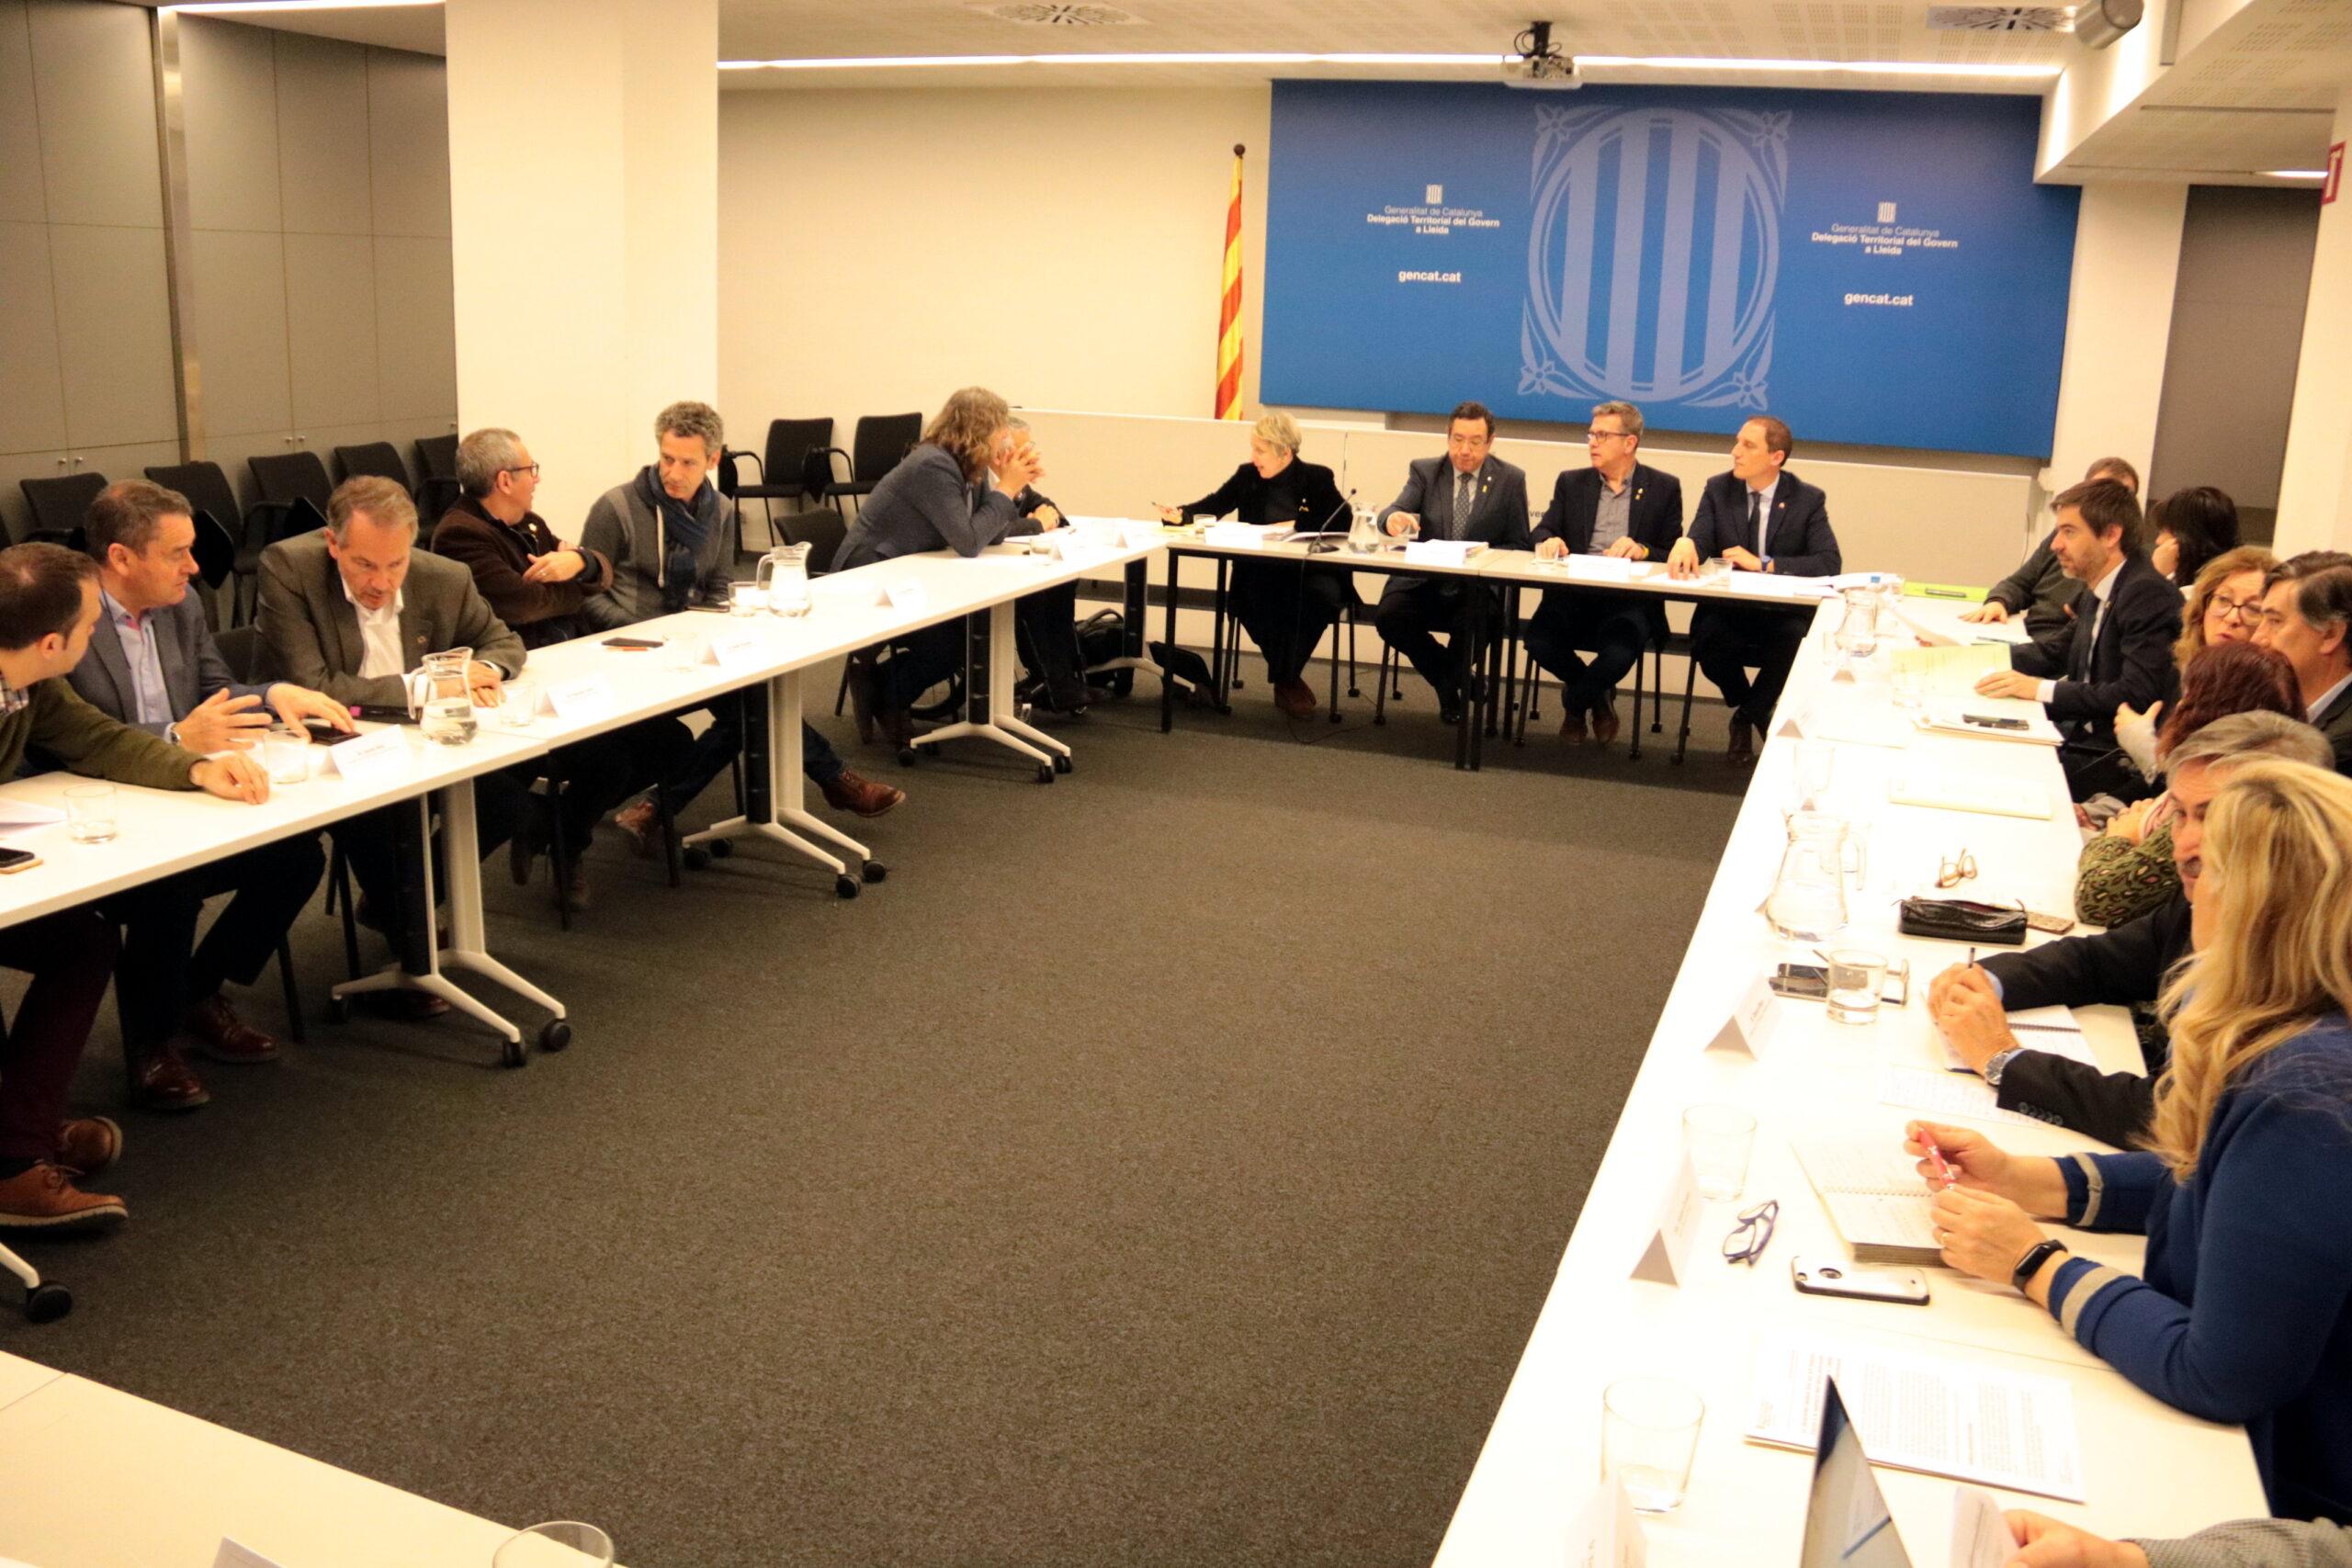 Pla obert de la reunió de seguiment de les actuacions per fer front als danys dels aiguats de l'octubre passat a les comarques de Lleida, celebrada a la delegació del Govern el 27 de febrer del 2020. (Horitzontal)